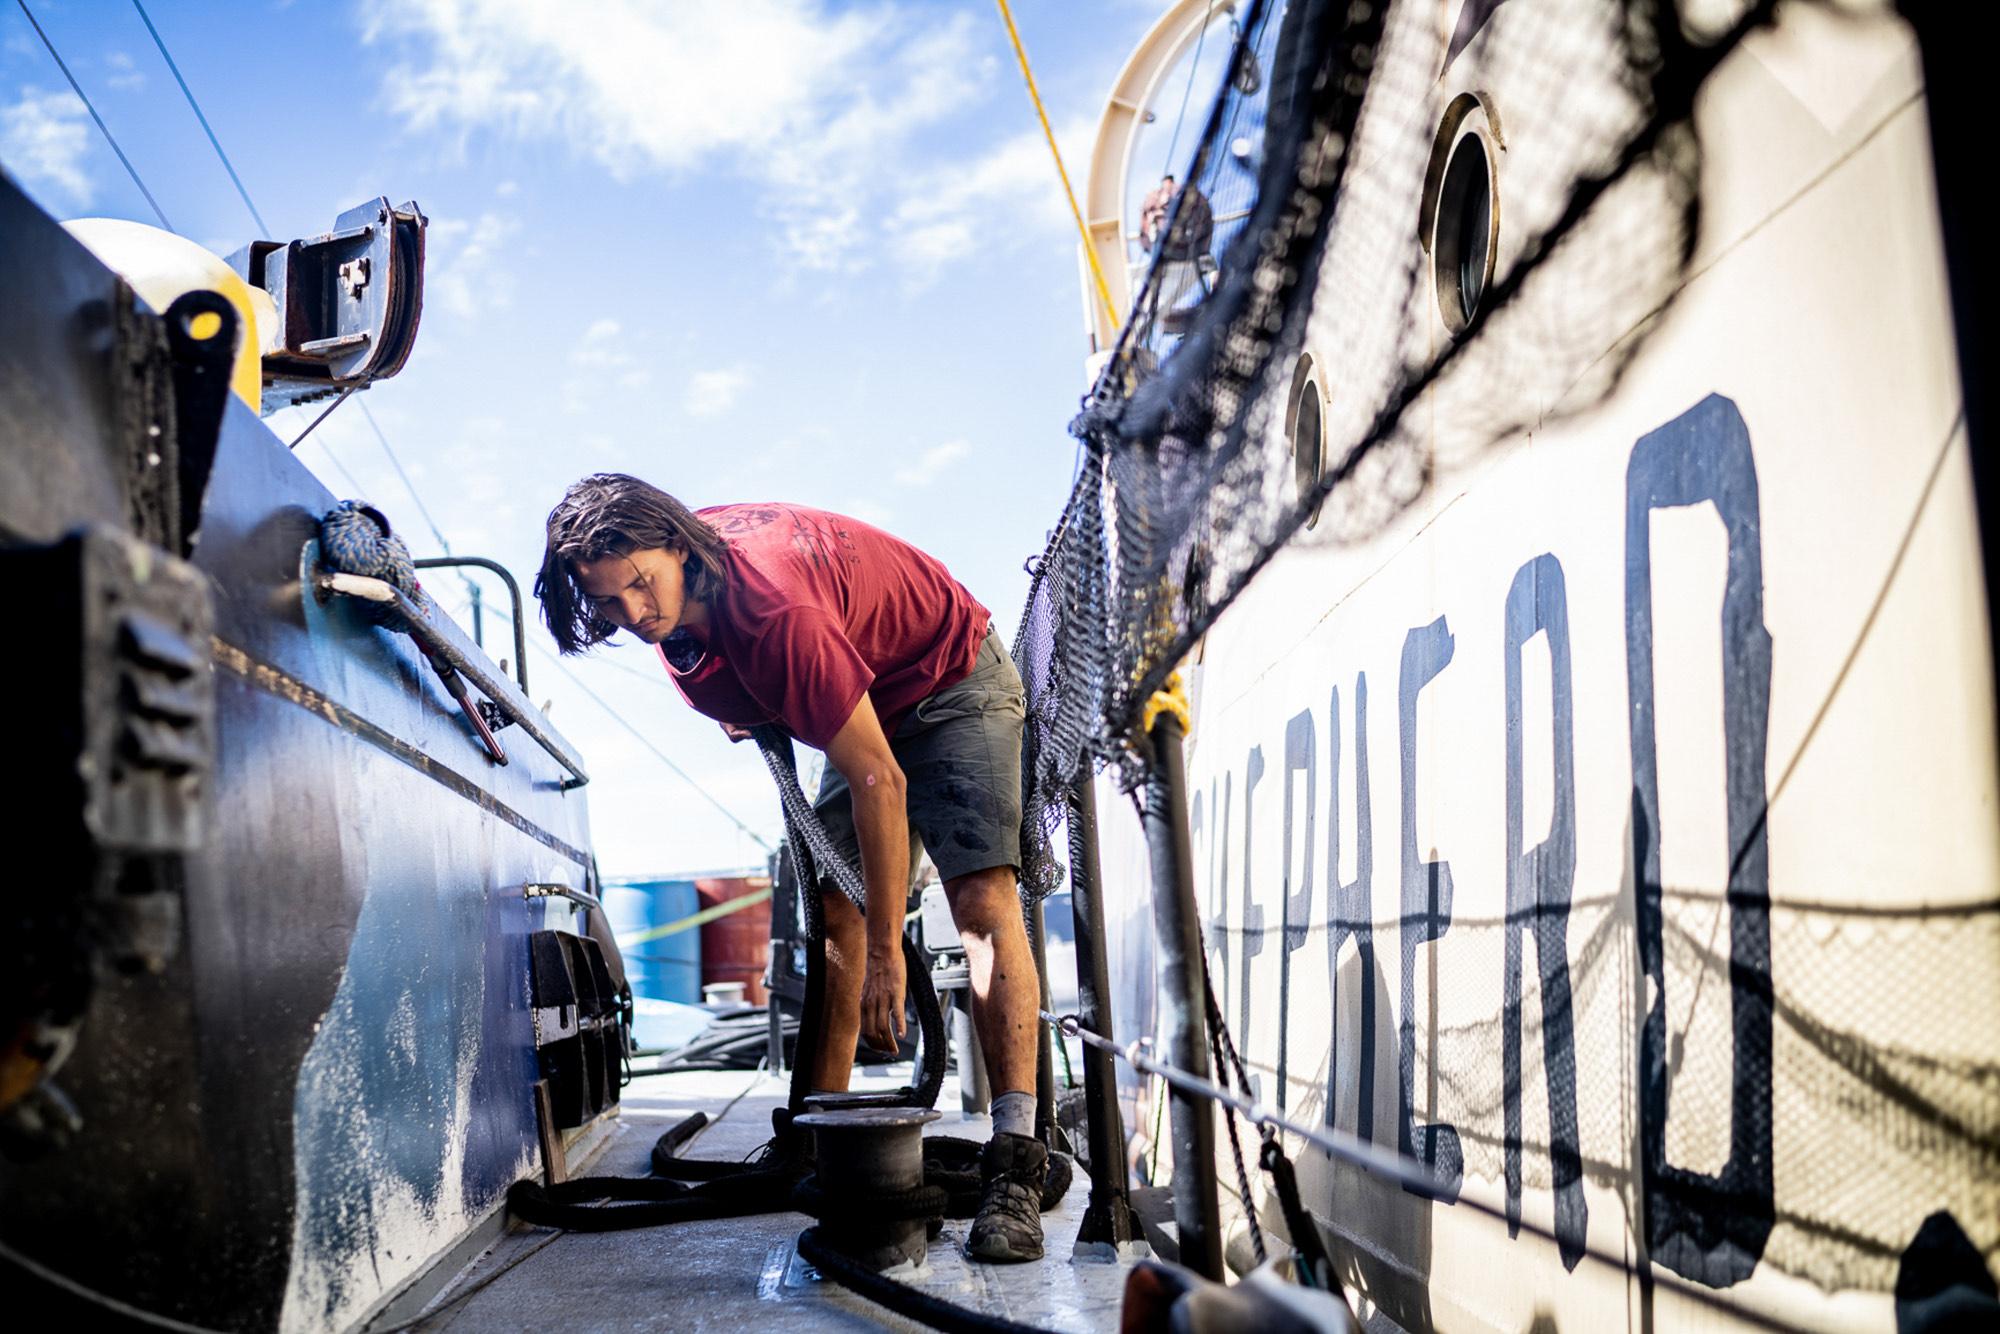 sea-shepherd-deckhand-tying-line SEA SHEPHERD